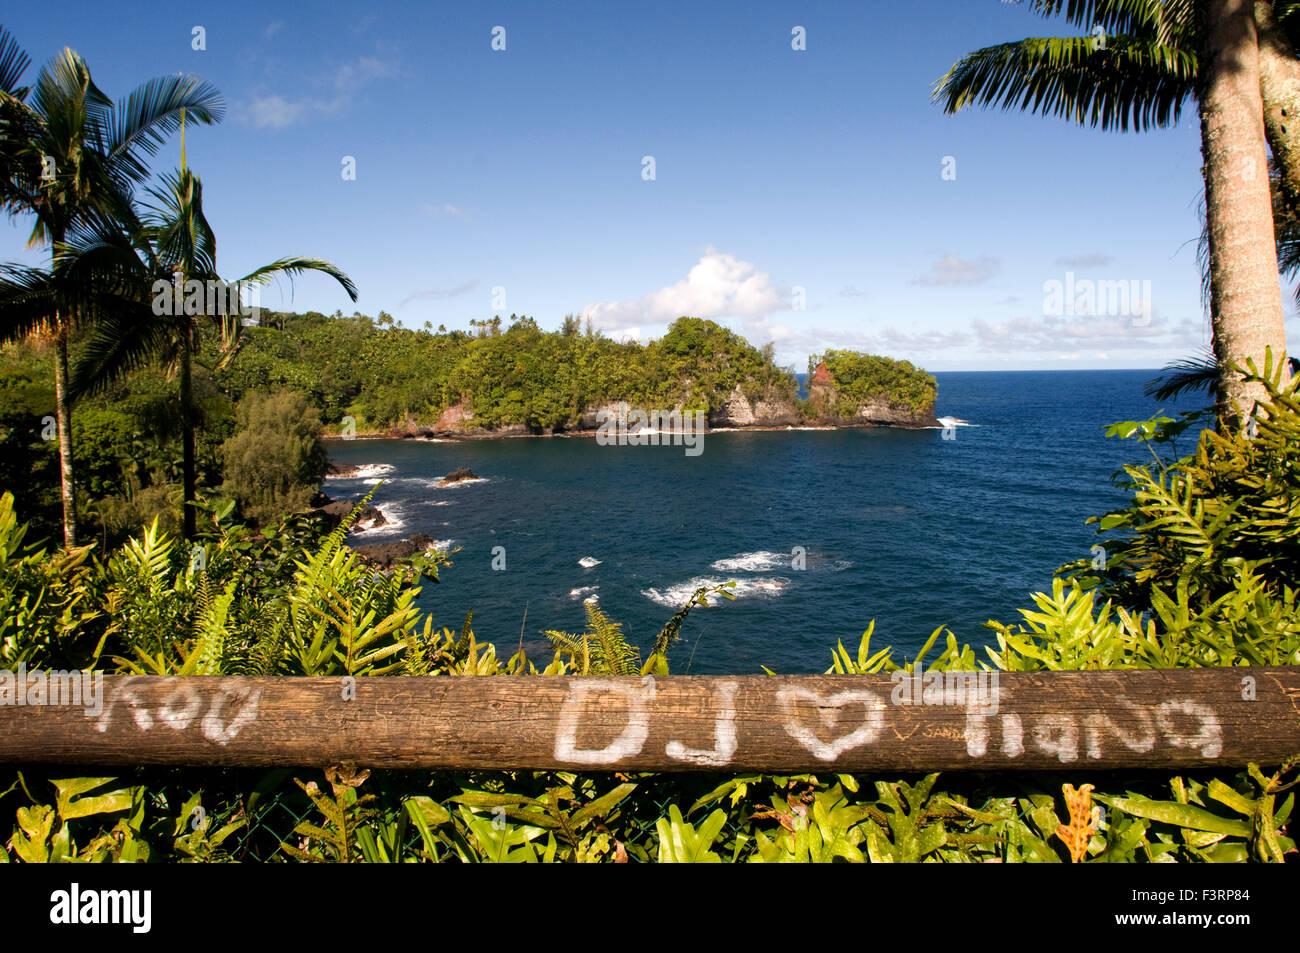 Coastal views from the Panoramic Route Pepe'ekeo. Big Island. Hawaii. Pepe'ekeo scenic drive. The Pepe'ekeo - Stock Image